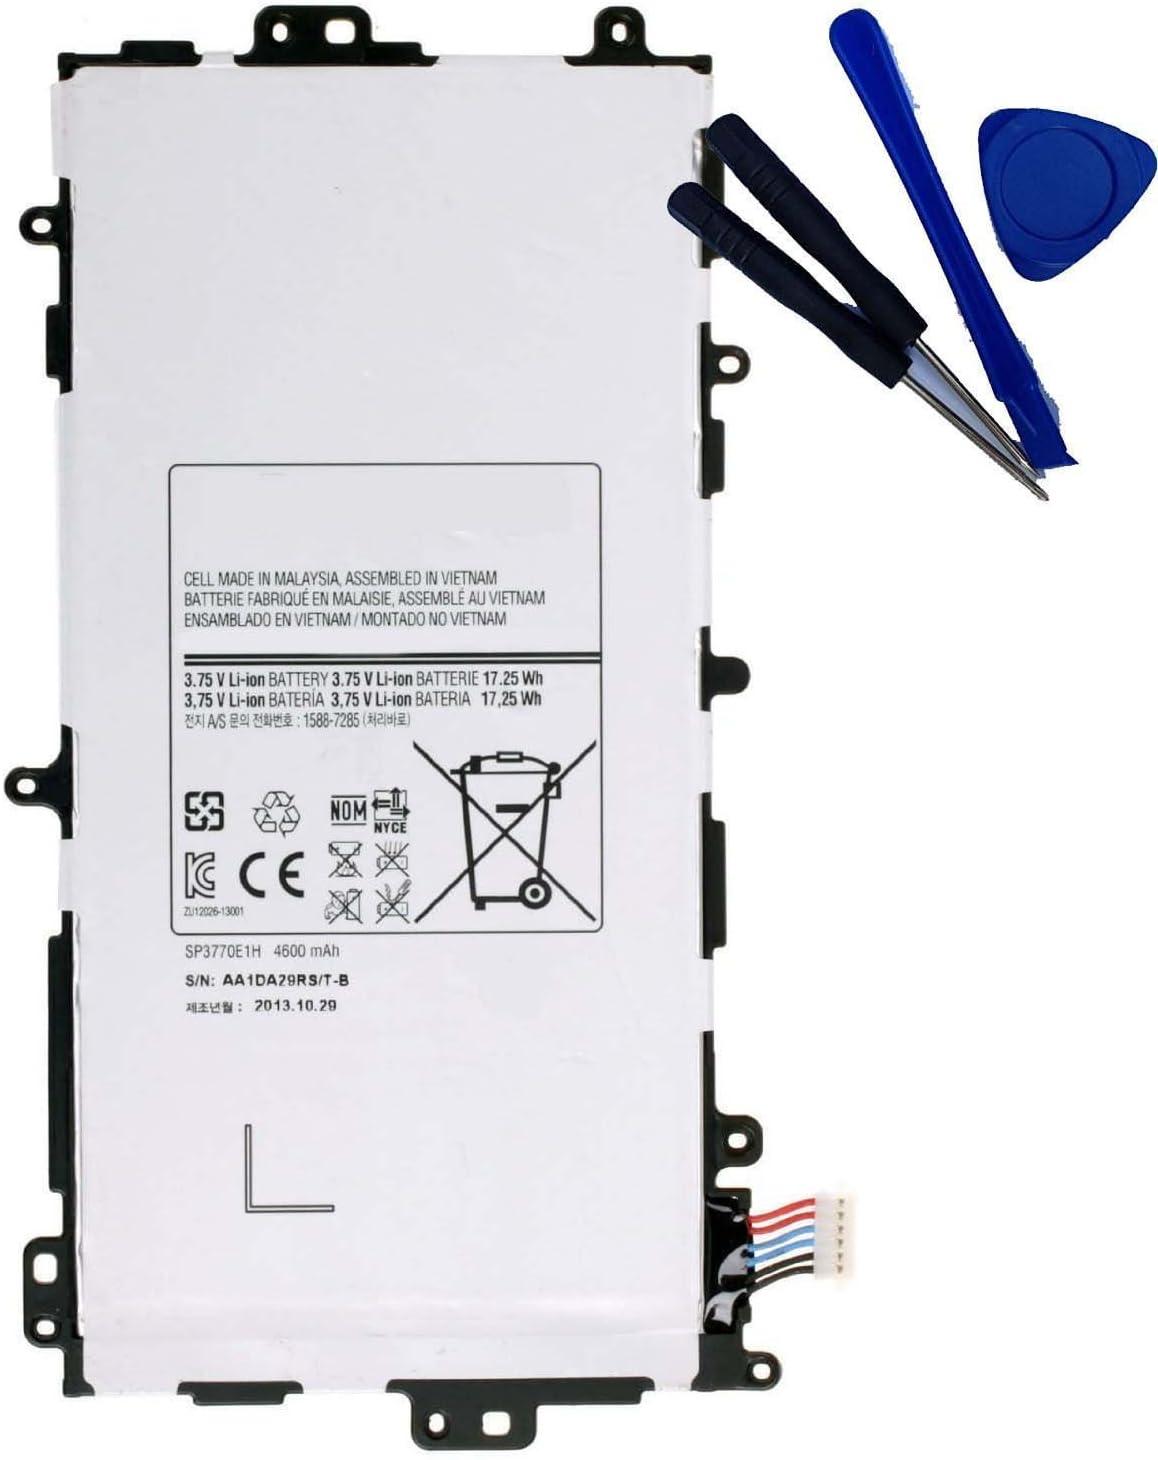 Bateria para Samsung Galaxy Note 8.0 GT-N5100 GT-N5110